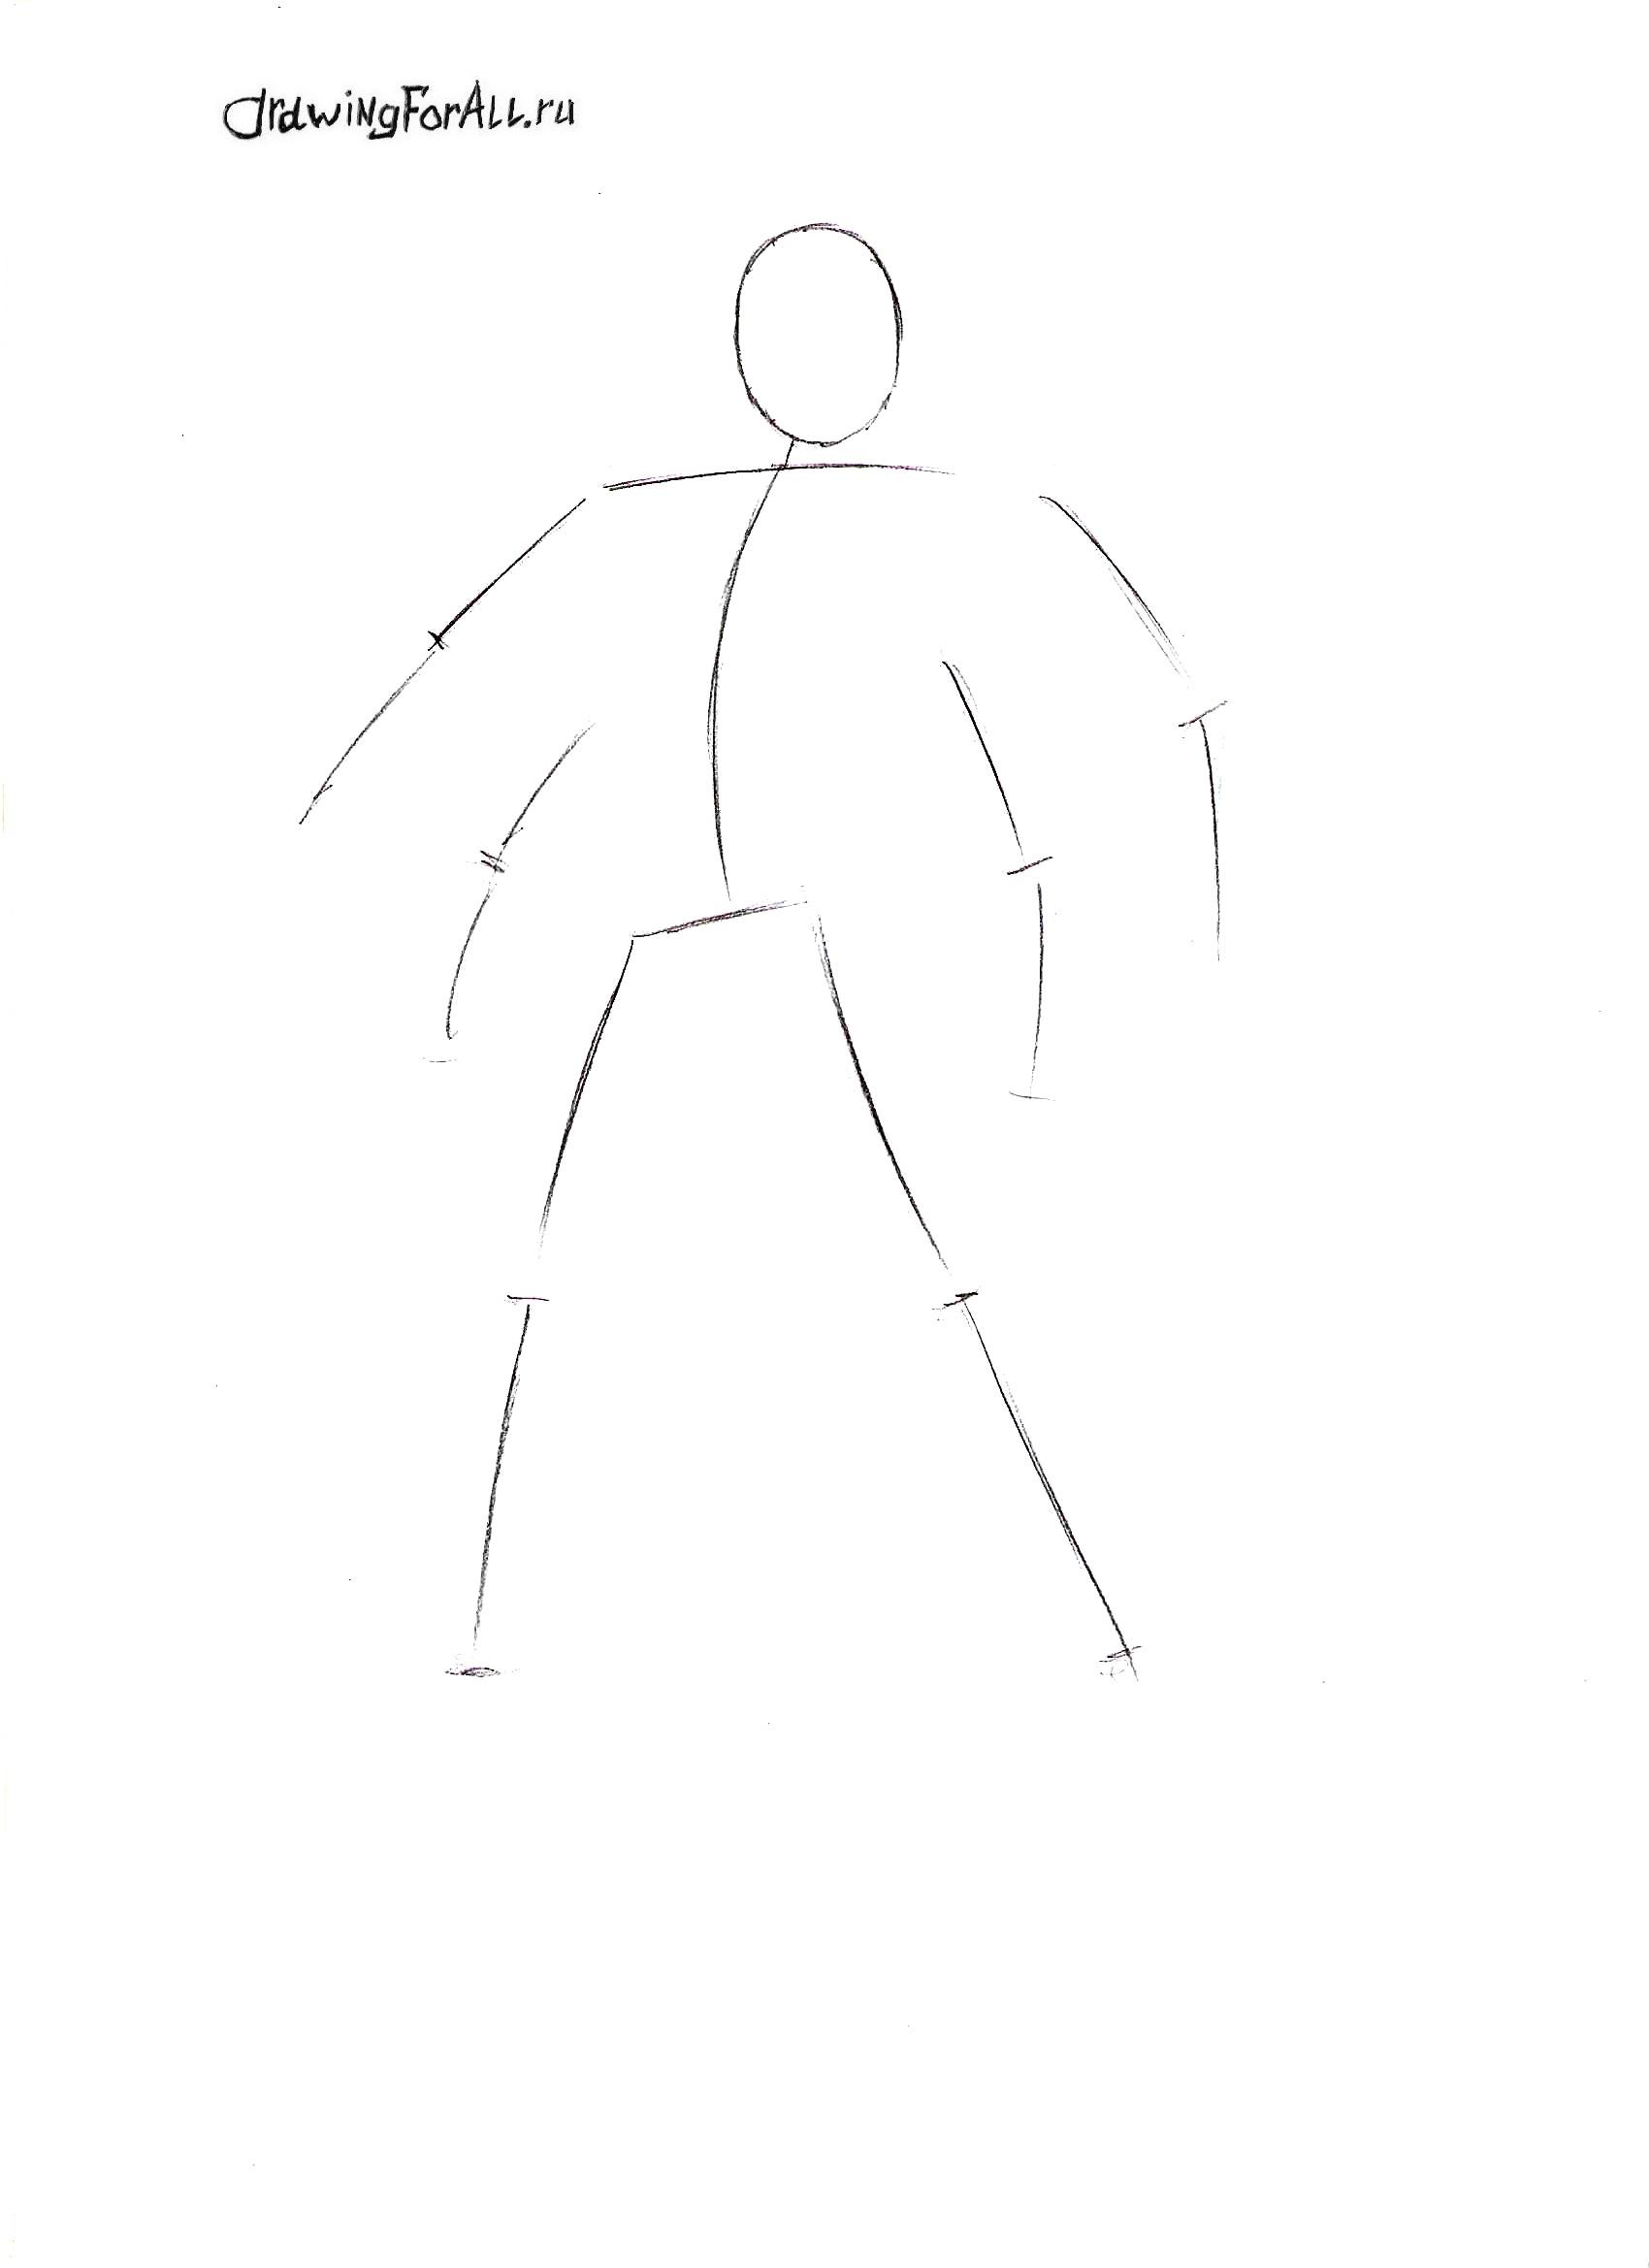 Как нарисовать Горо карандашом поэтапно